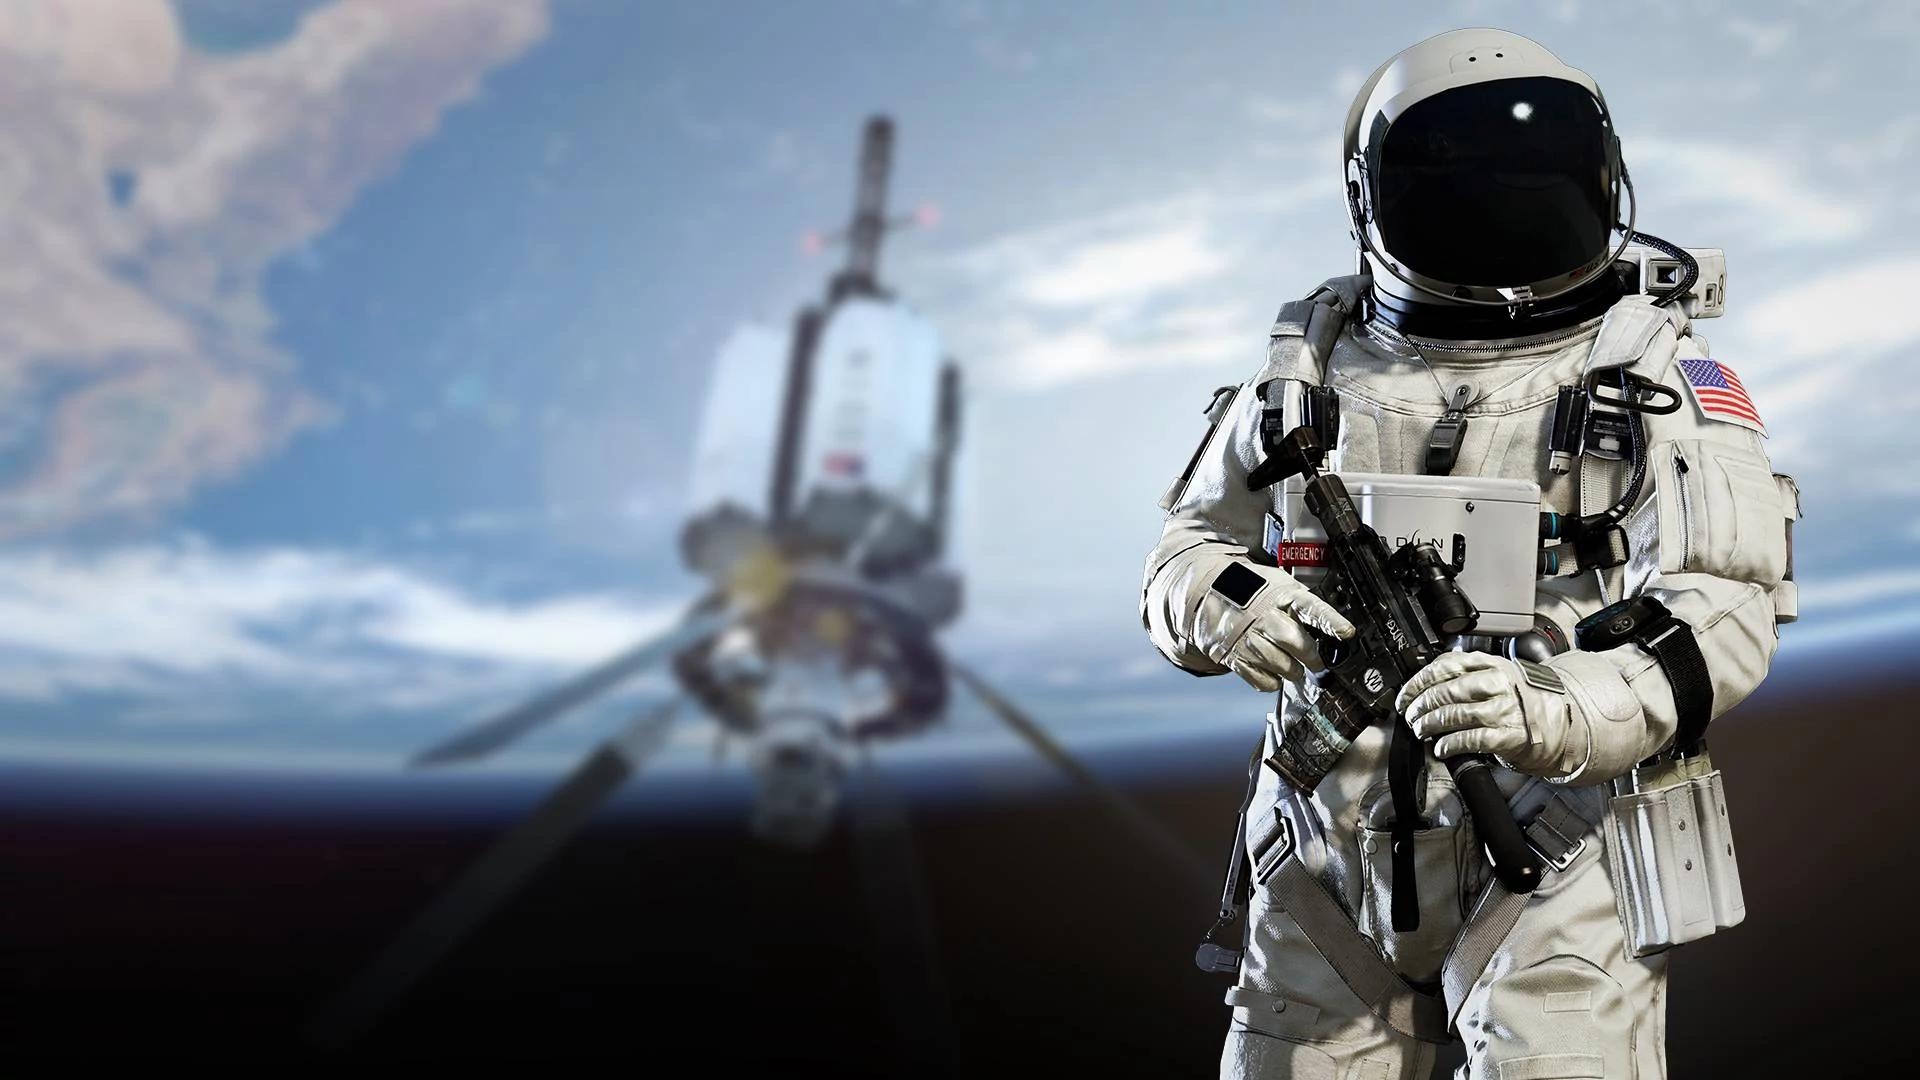 Международная команда ученых займется созданием «космической конституции», которая среди прочего будет регулировать ведение боевых действий в космосе